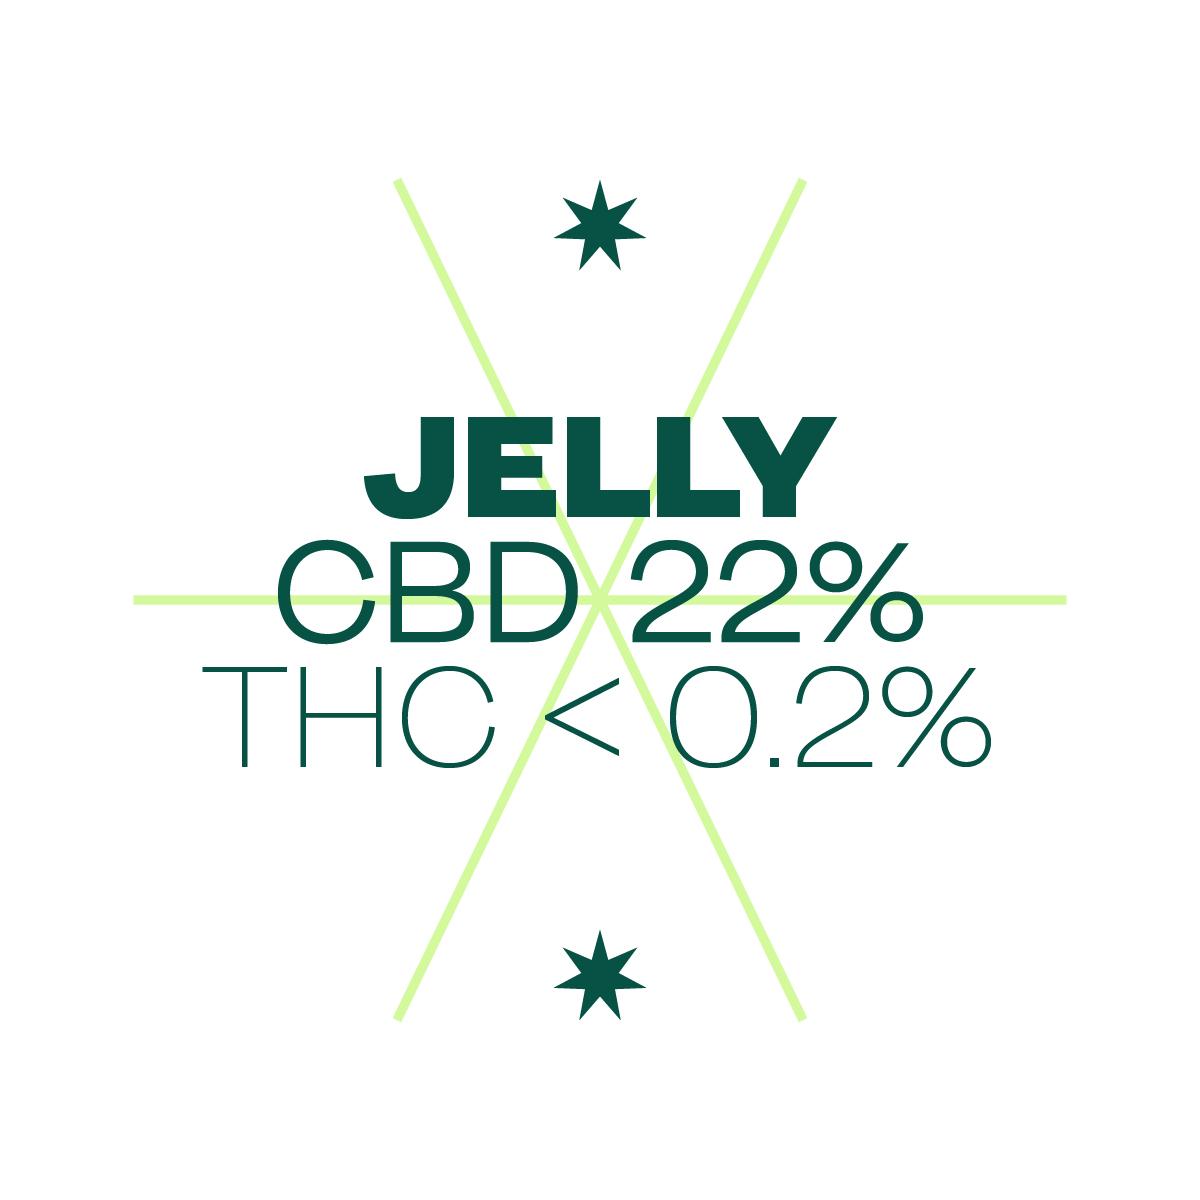 ligne verte bandeaux jelly % site px px